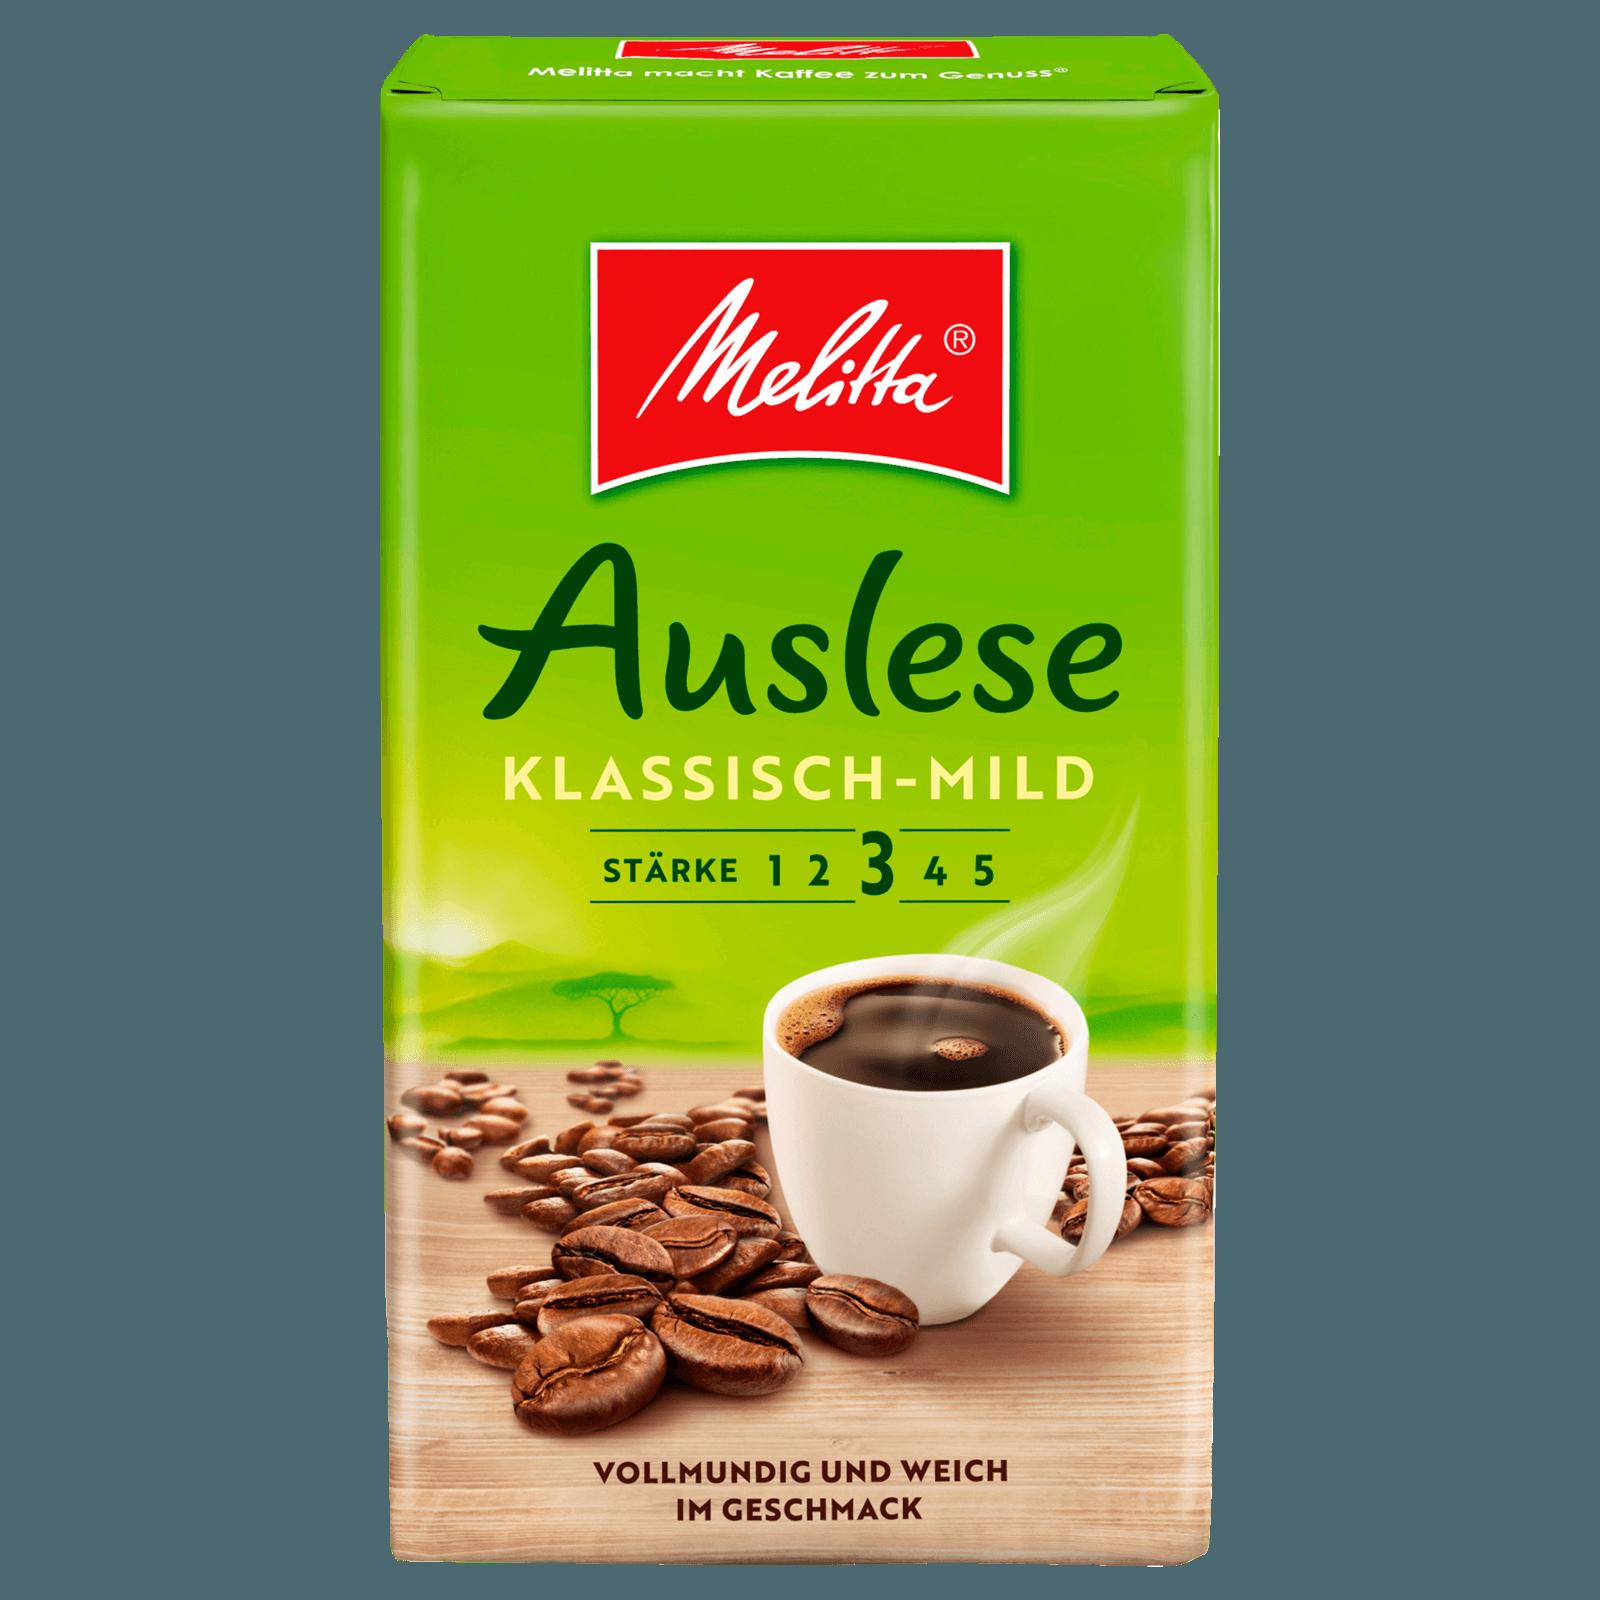 Melitta Auslese Röstkaffee Klassisch 500g bei REWE online